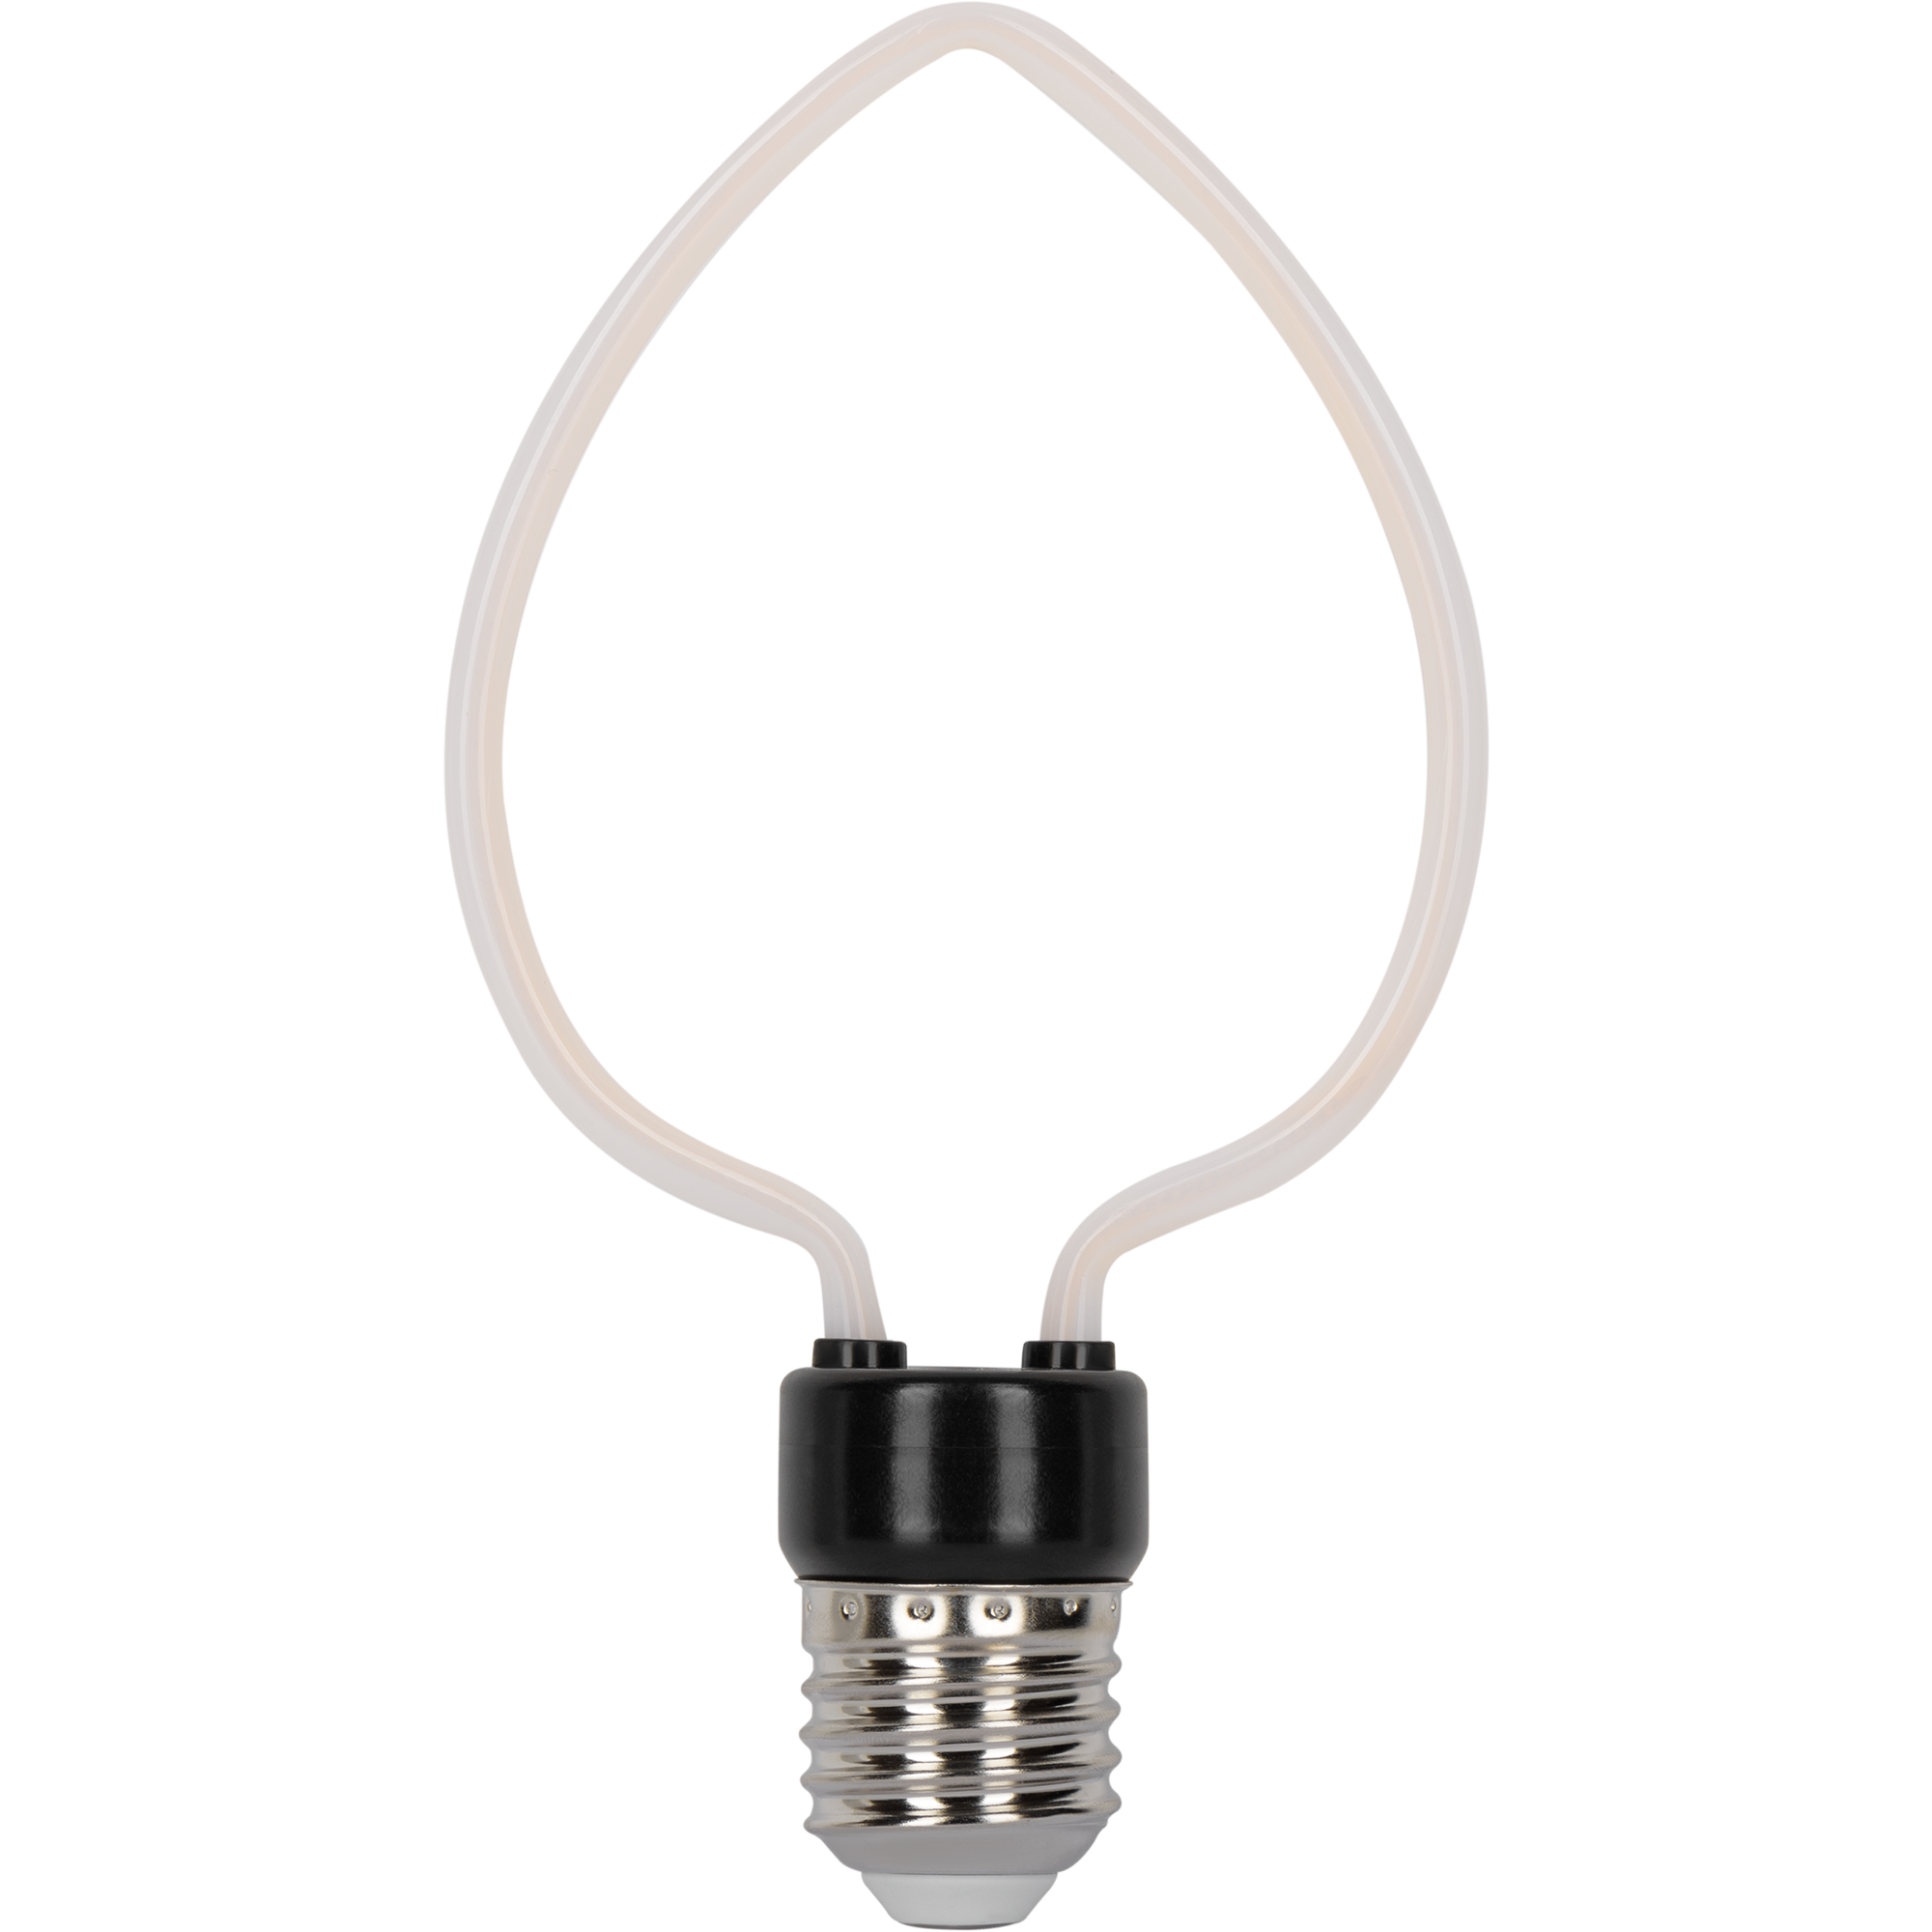 Лампа светодиодная Gauss Bulbless Heart E27 230 В 4 Вт свеча декоративная 390 лм тёплый белый свет